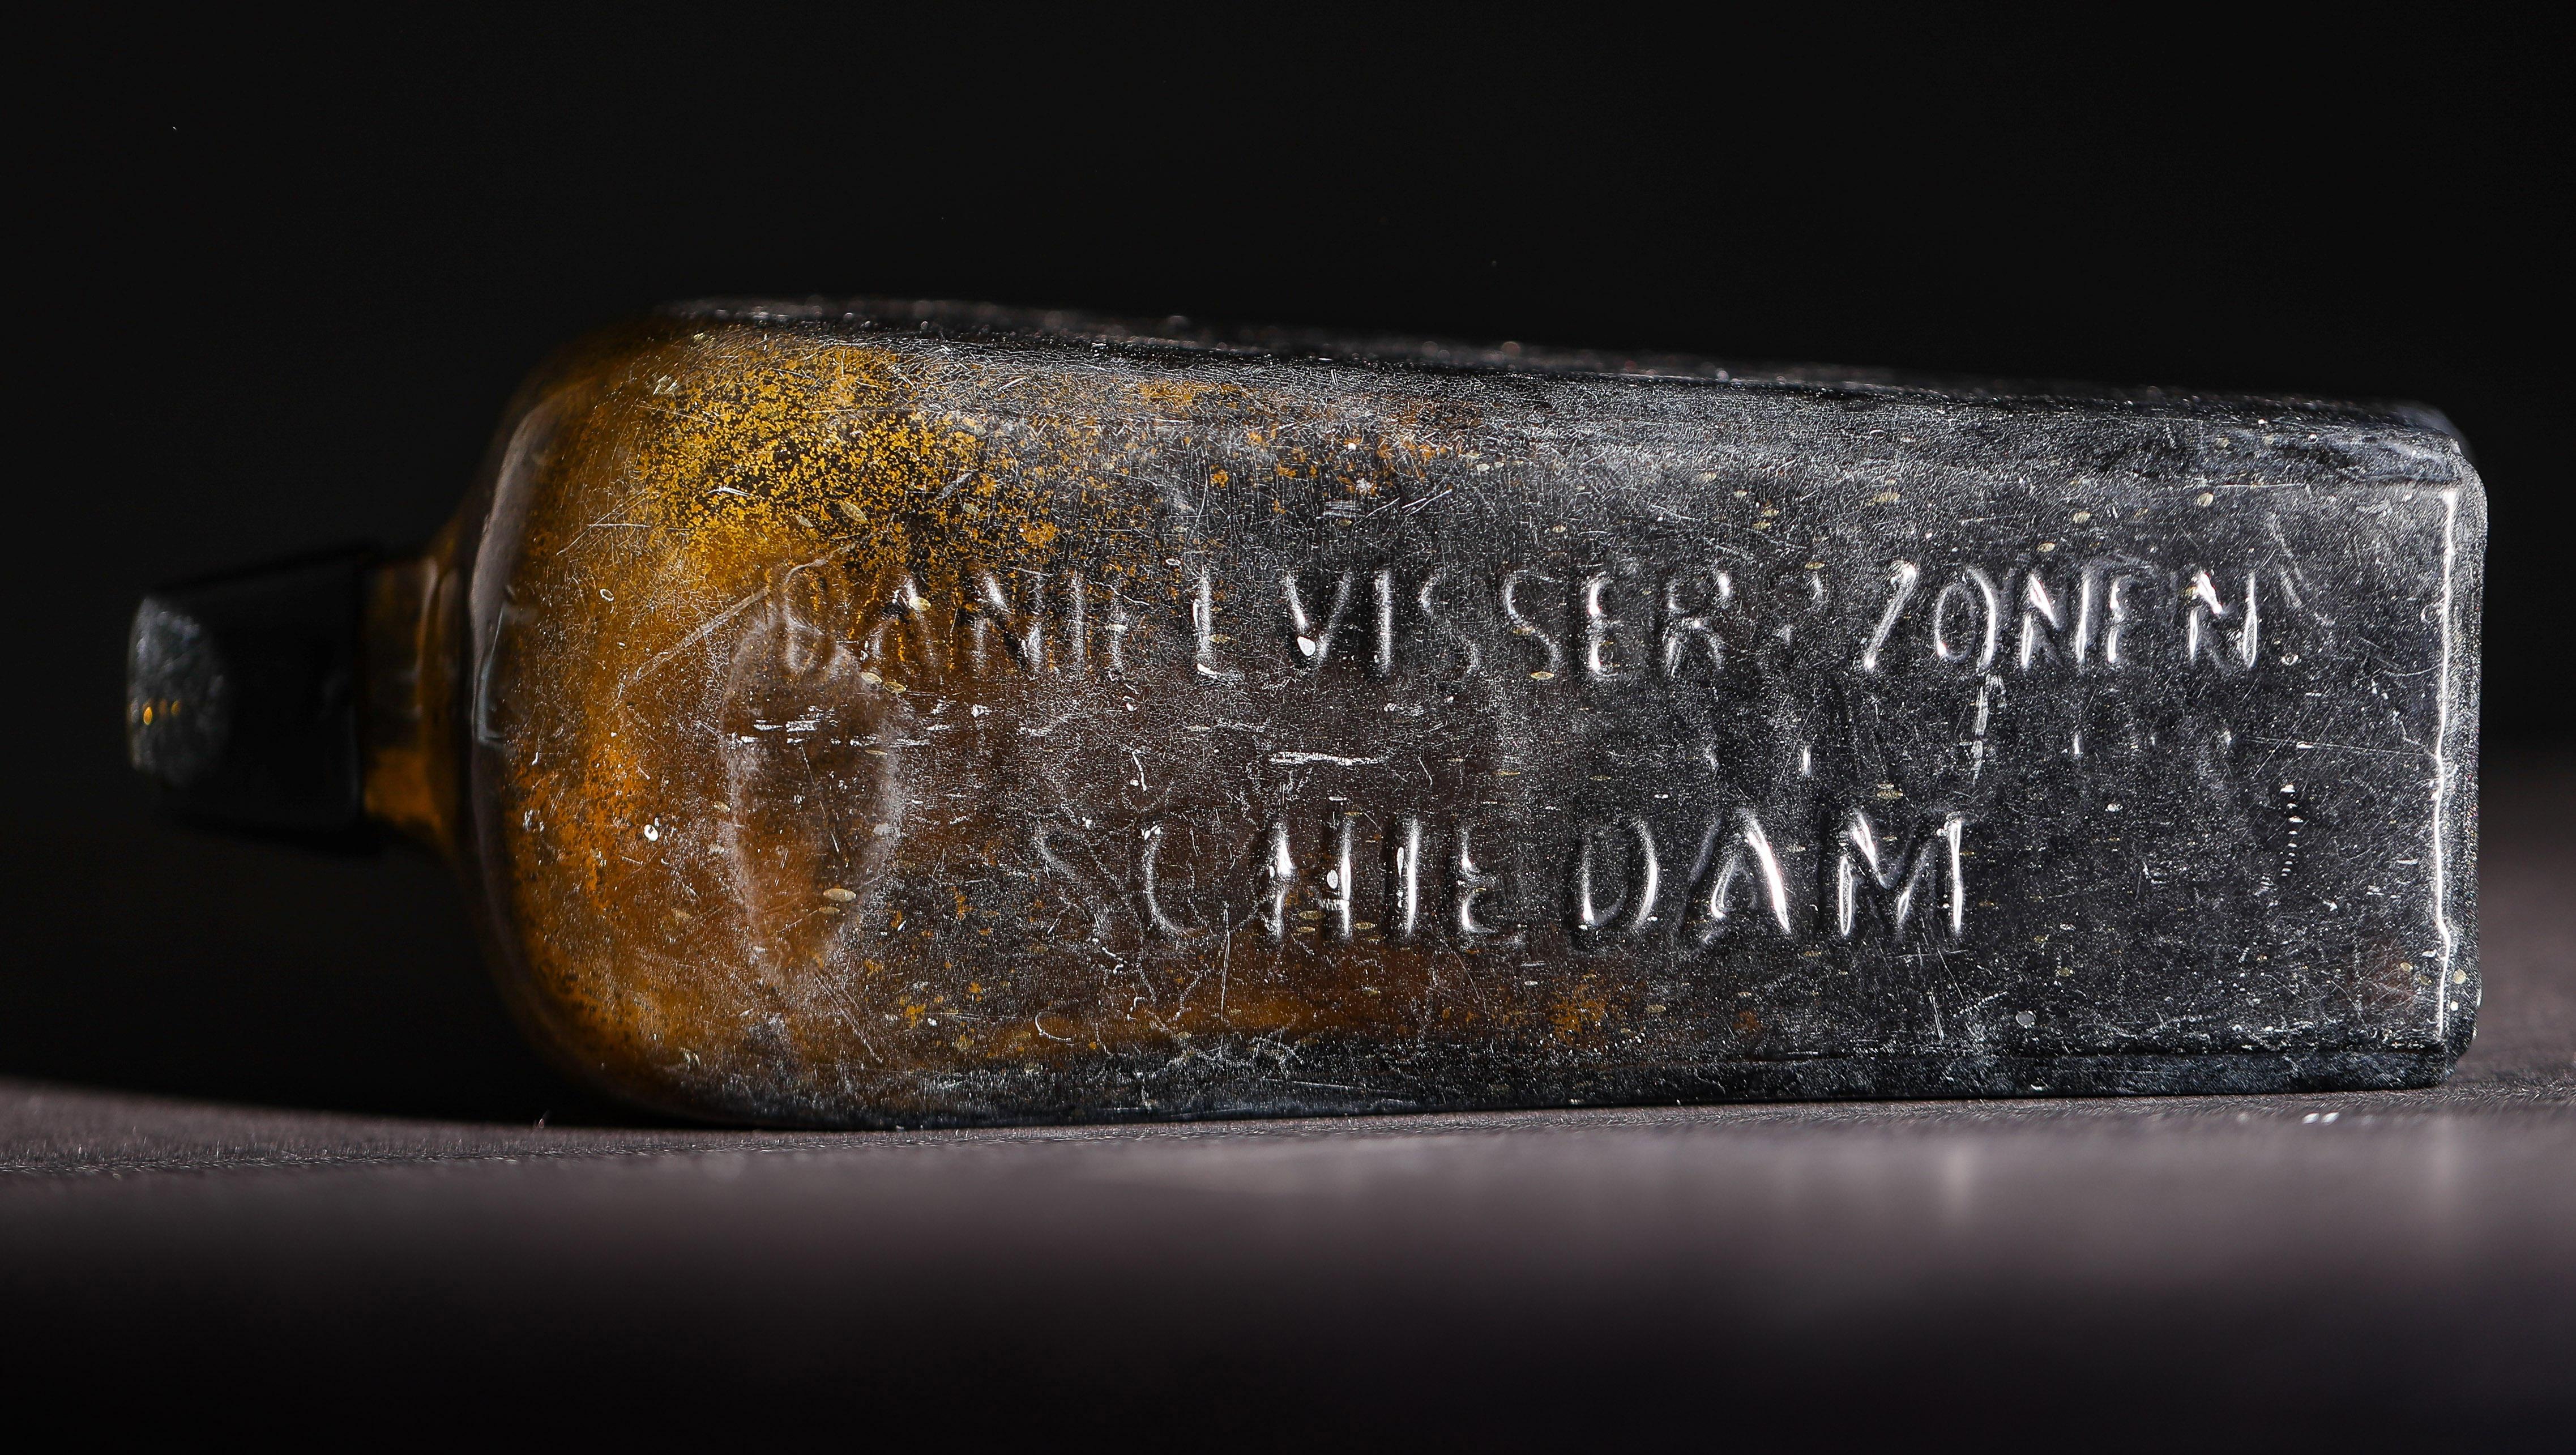 Australia, ritrovato il messaggio in bottiglia più vecchio al mondo: ha 132 anni